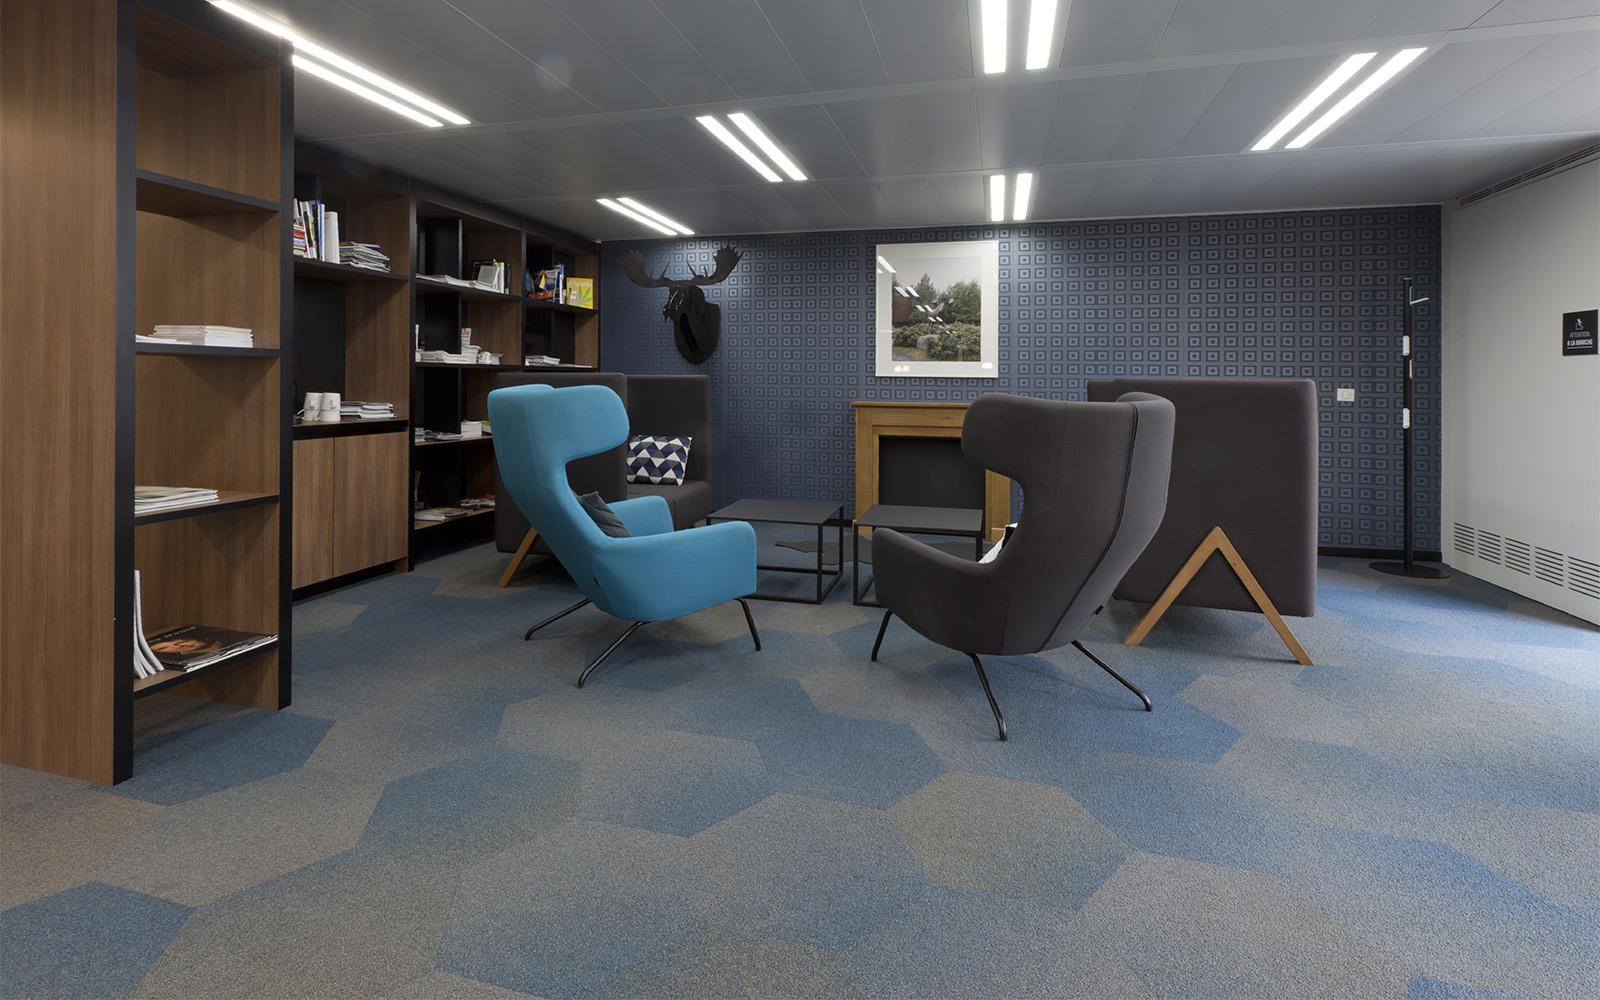 Dalles ege hexagonales en dégradé de bleu et de beige dans un bureau